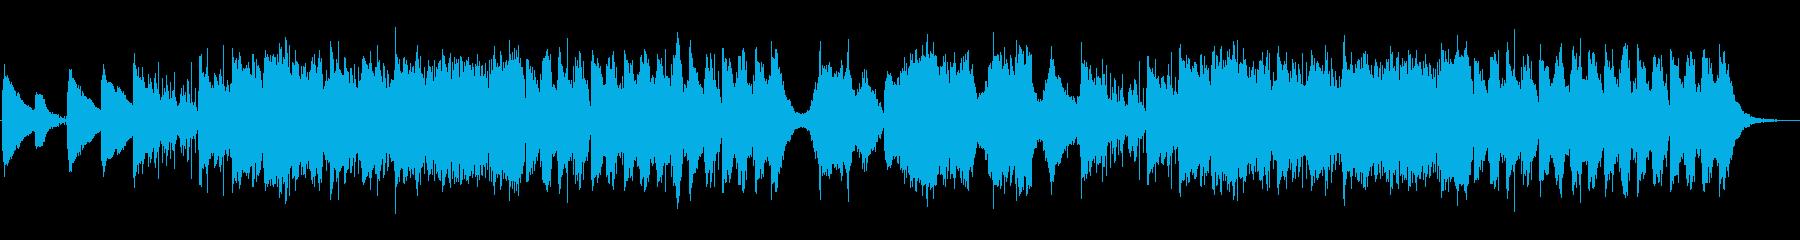 ピアノチェロ・回想シーン・雨の日の散策の再生済みの波形